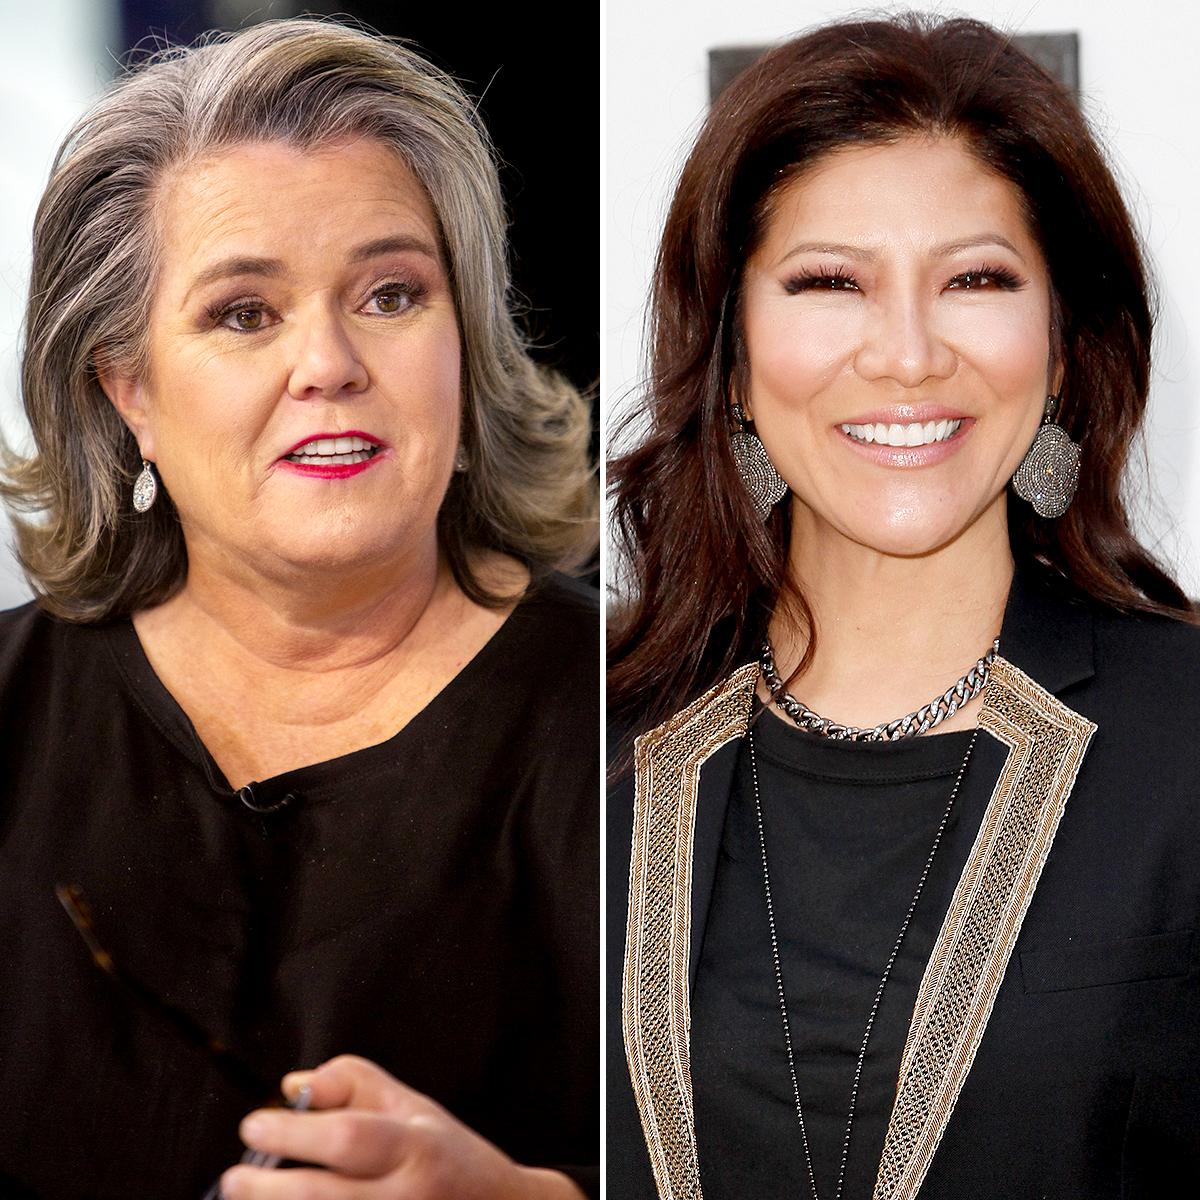 Rosie-O'Donnell-The-Talk-Julie-Chen